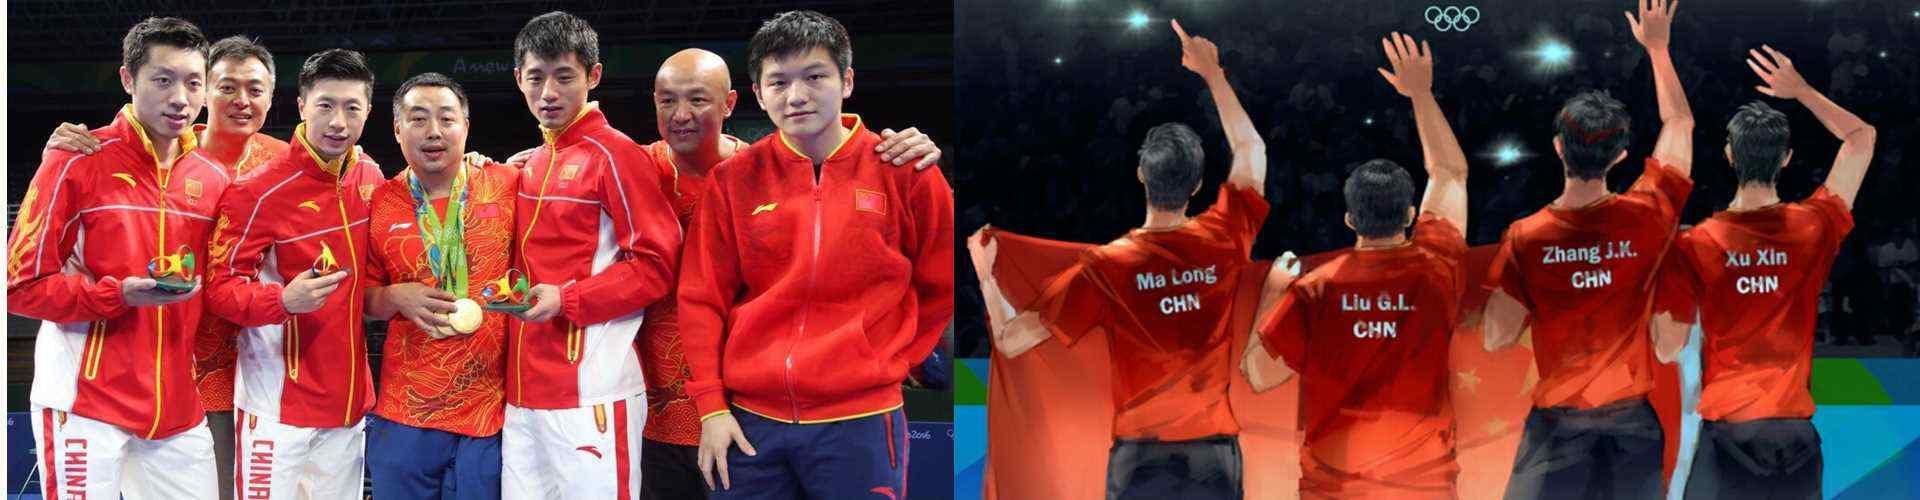 中国男乒队_刘国梁图片_张继科、马龙、许昕、樊振东_运动员壁纸